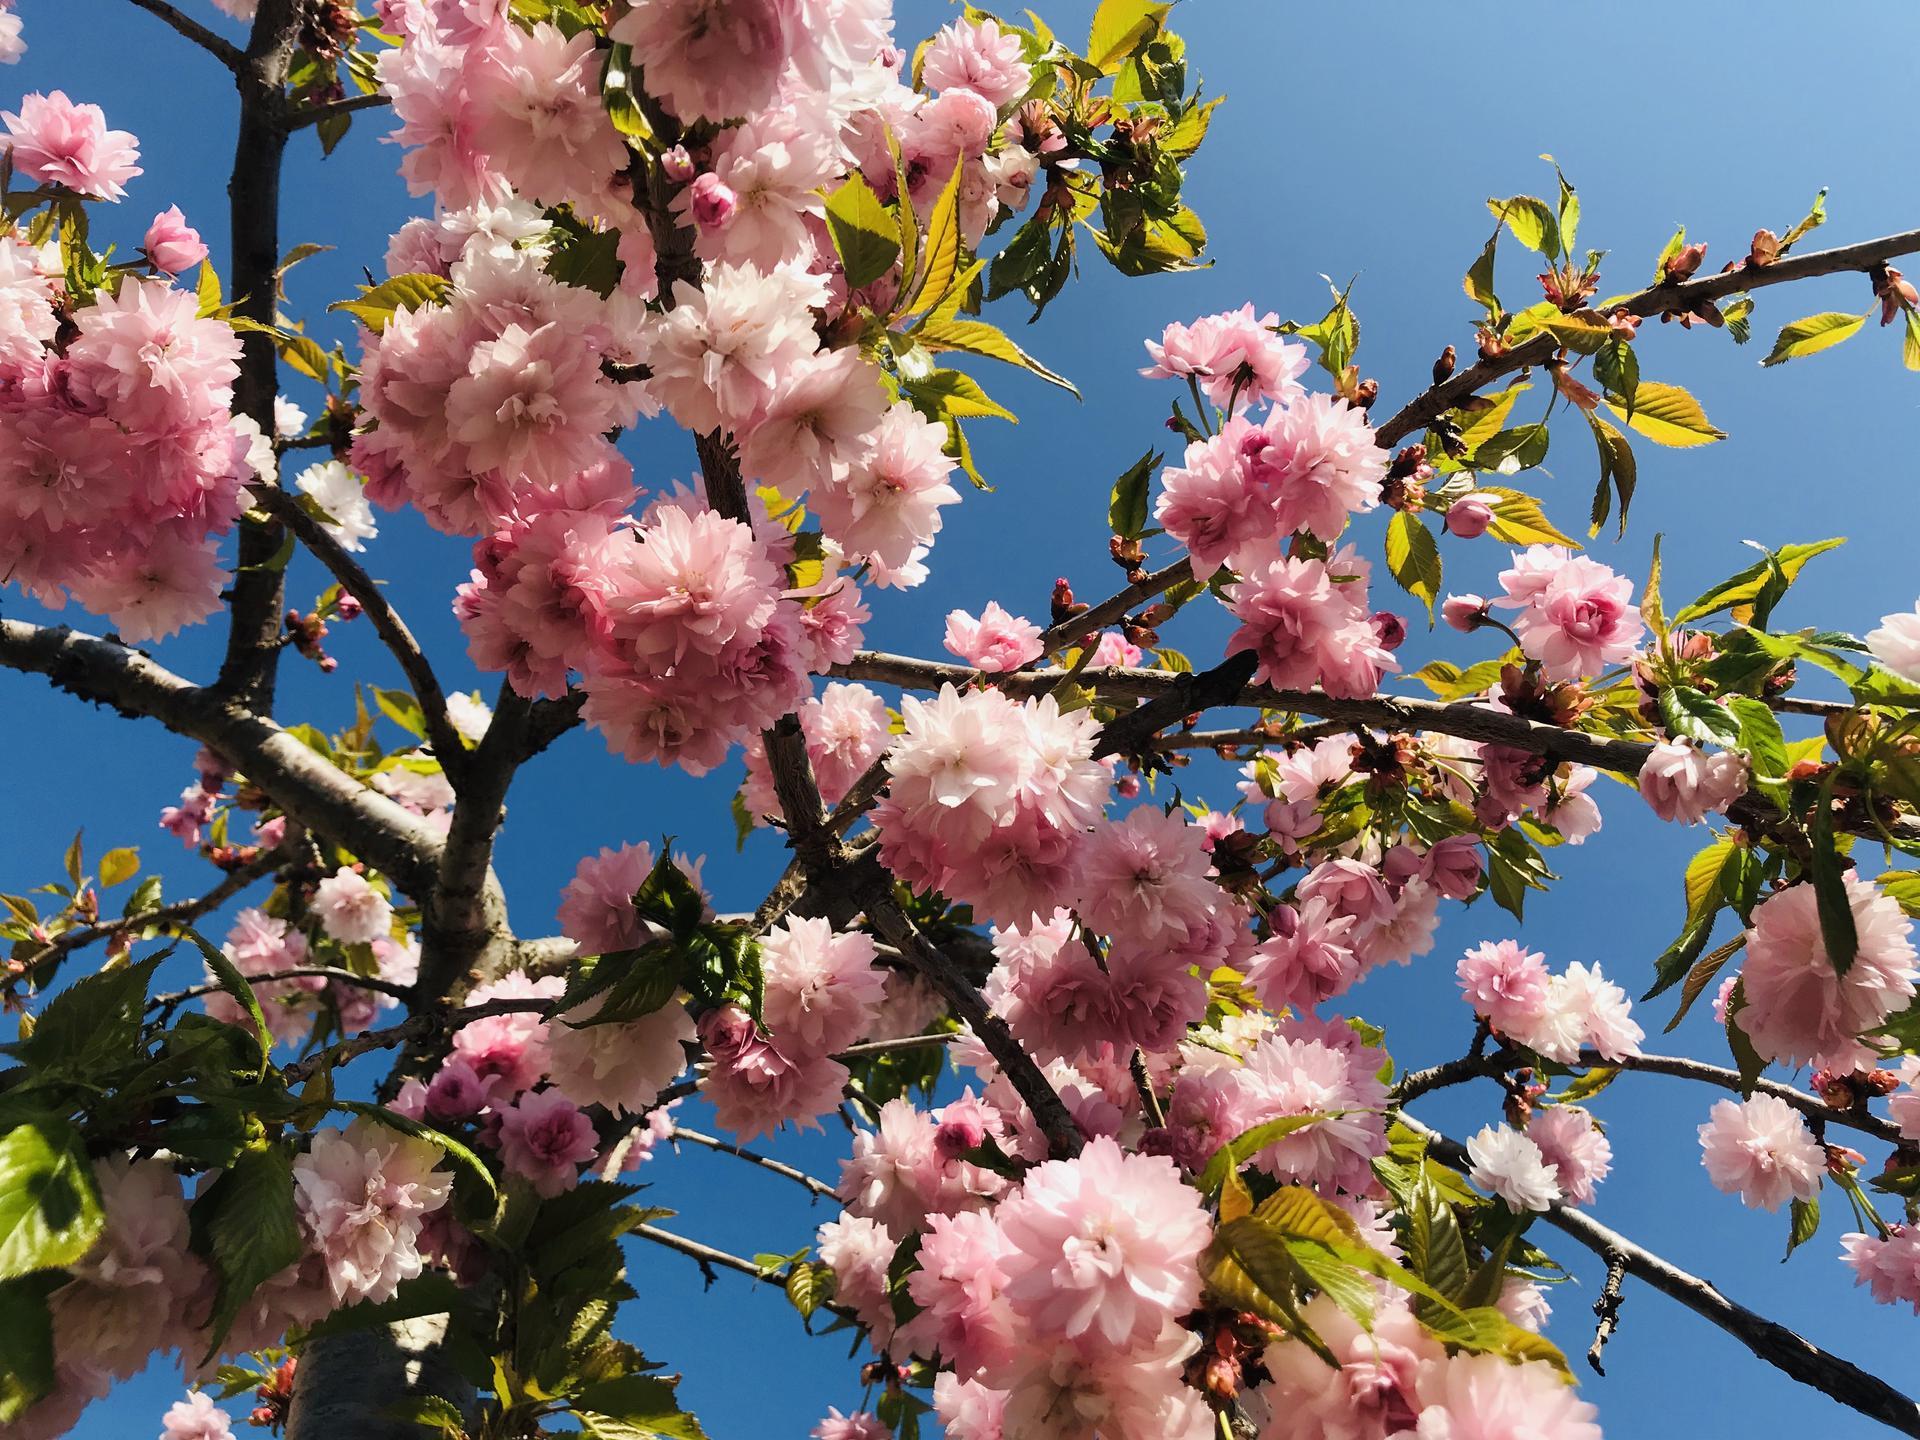 Naše barevná zahrada 🌸 - Prunus serrulata 'Kiku- Shidare zakura'